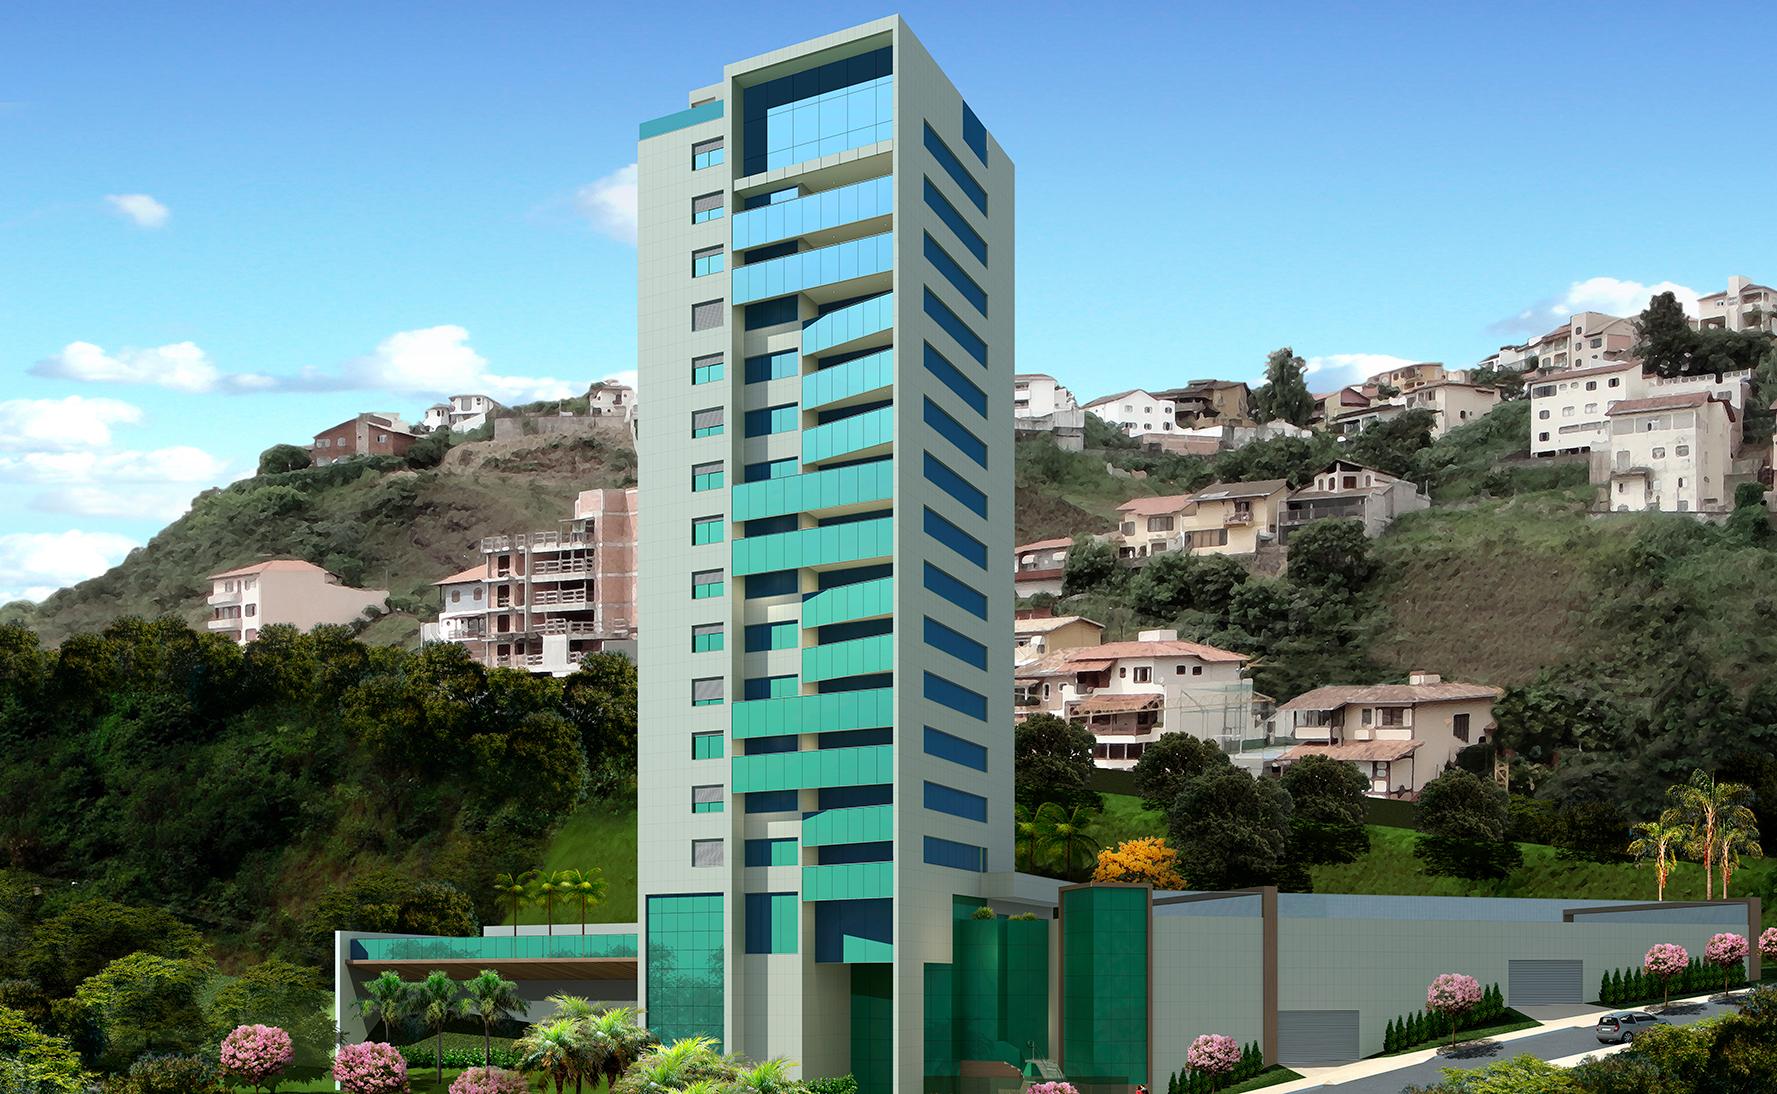 Conheça o Edifício Residencial Biarritz